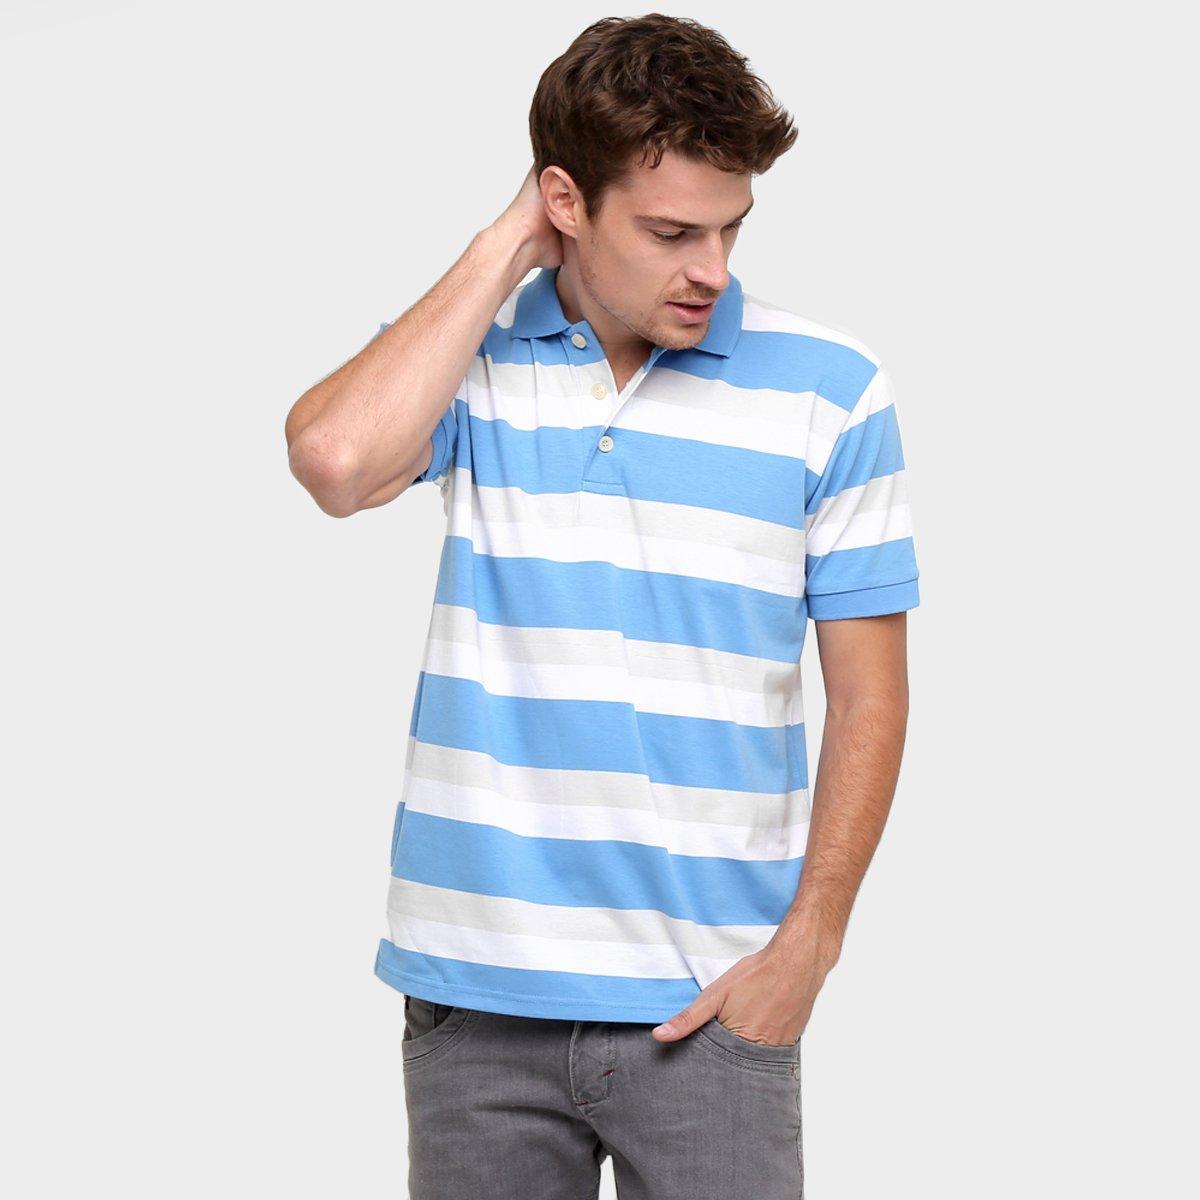 7da87d32d9 Camisa Polo Colombo Listrada Fio Tinto - Compre Agora